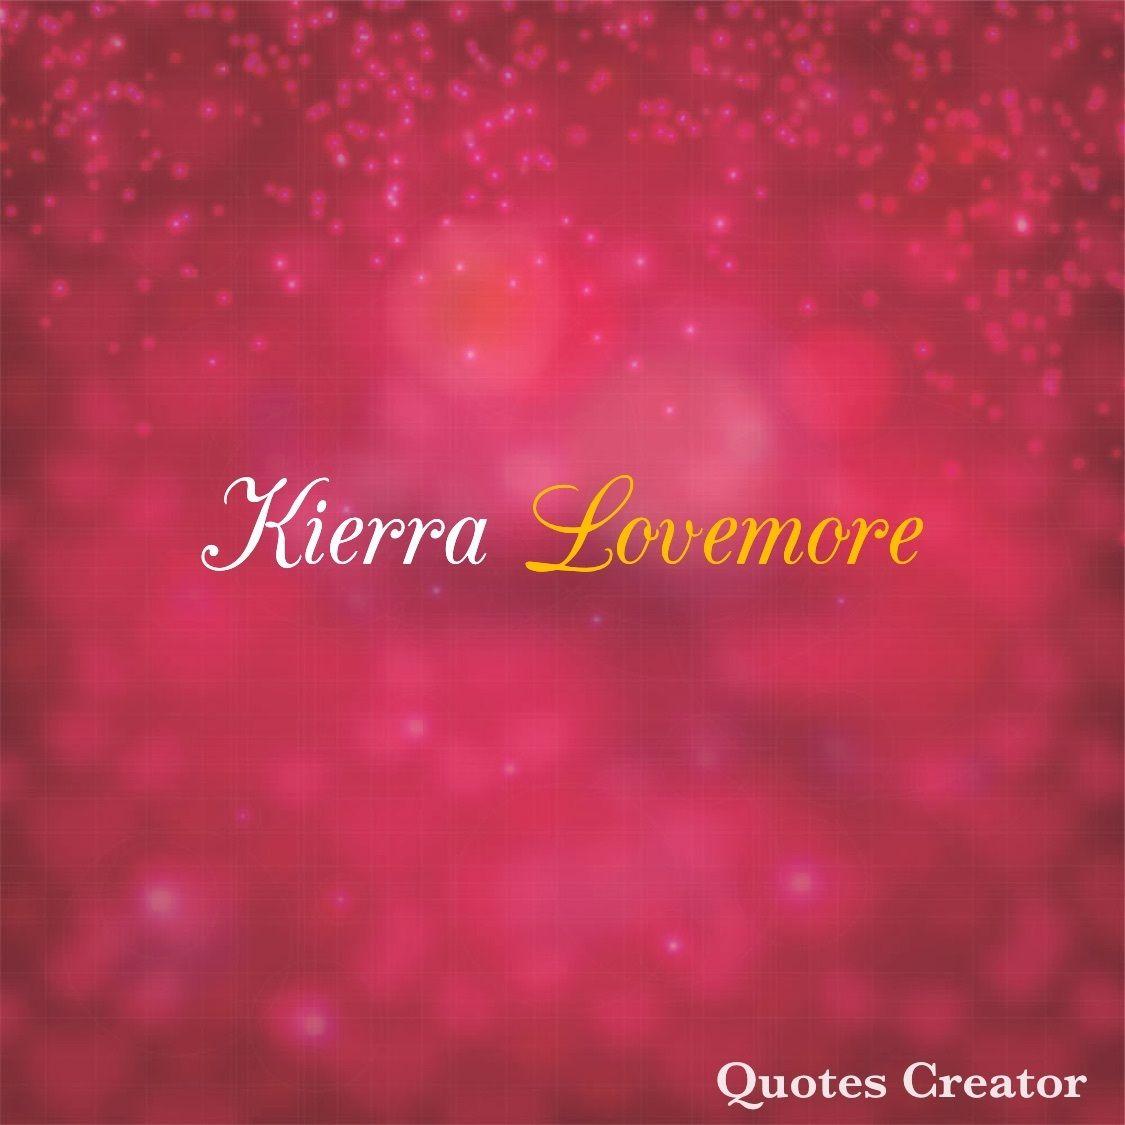 @kierralovemore